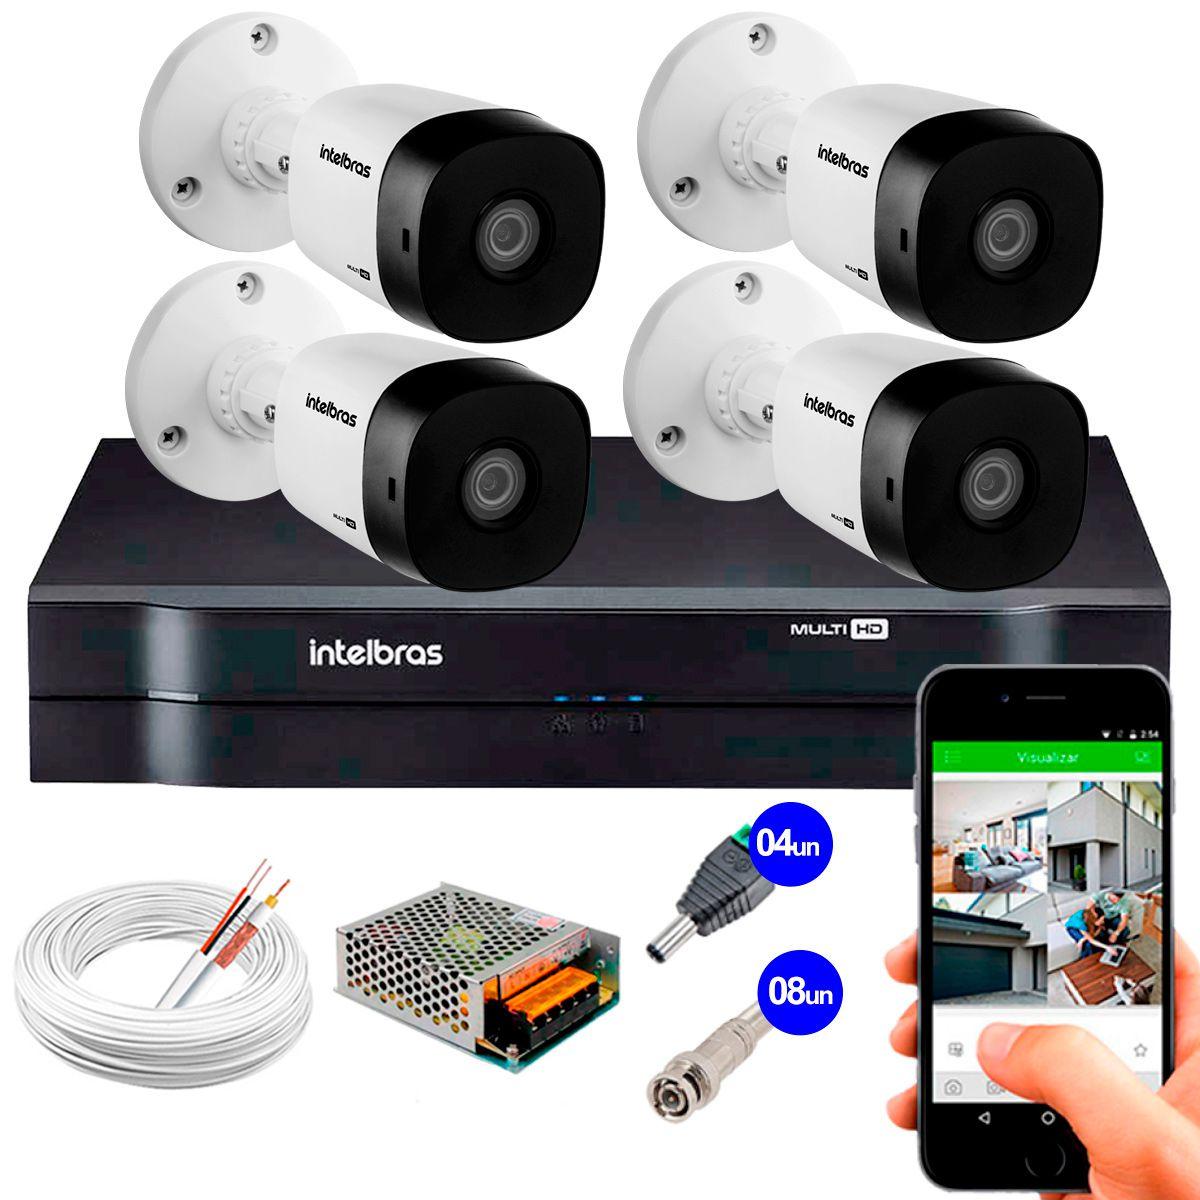 Kit 4 Câmeras VHD 3120 B G5 + DVR Intelbras + App Grátis de Monitoramento, Câmeras HD 720p 20m Infravermelho de Visão Noturna Intelbras + Fonte, Cabos e Acessórios  - Tudo Forte